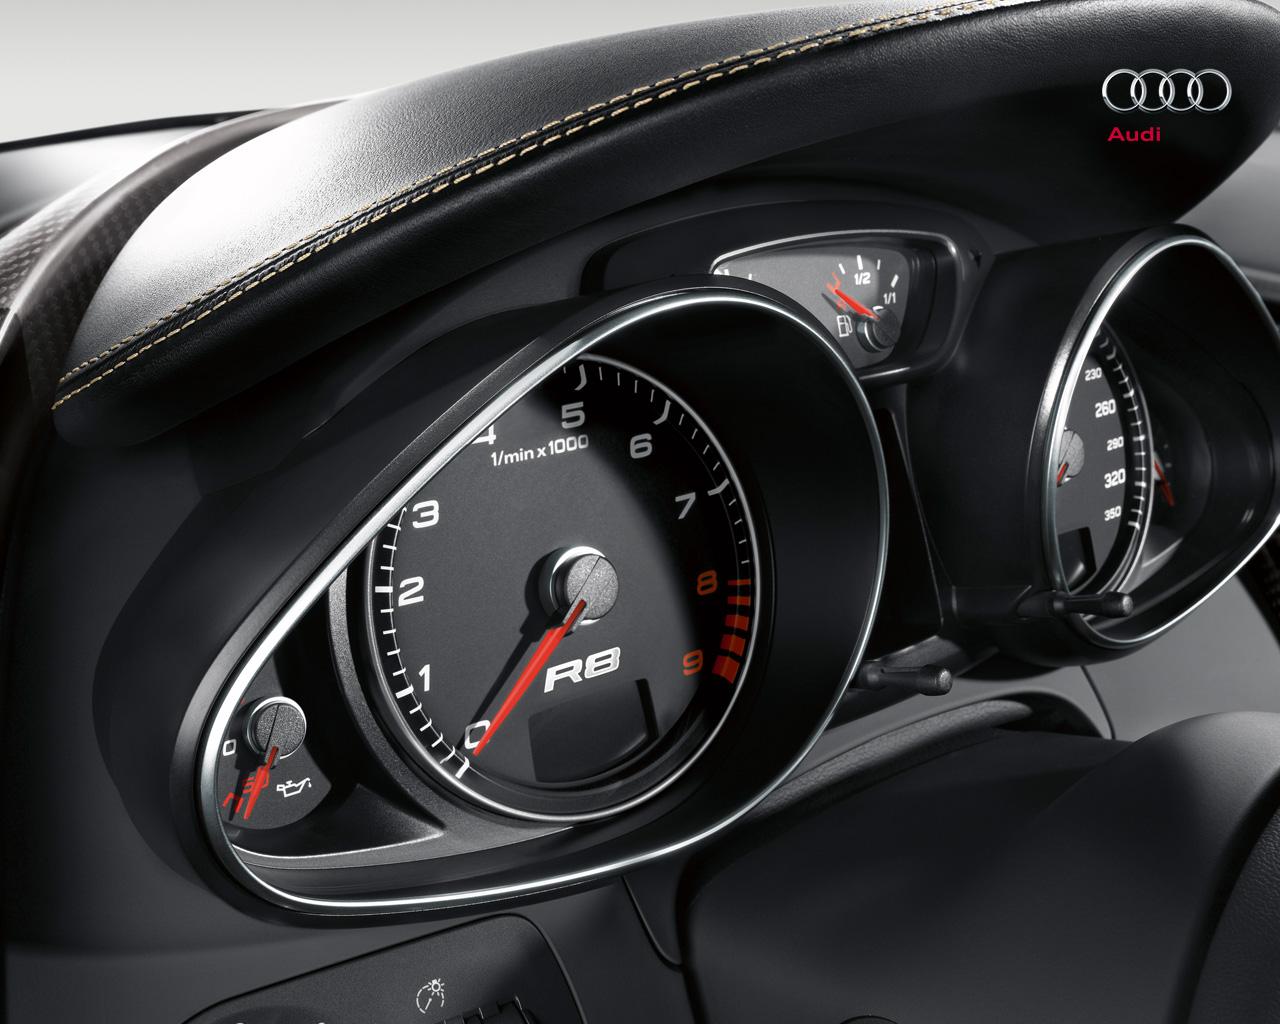 http://3.bp.blogspot.com/_SM9A_sqVGgM/THLqCRptLxI/AAAAAAAAFf8/indzrSK6RQw/s1600/Audi+R8+V8+Spyder+2.jpg